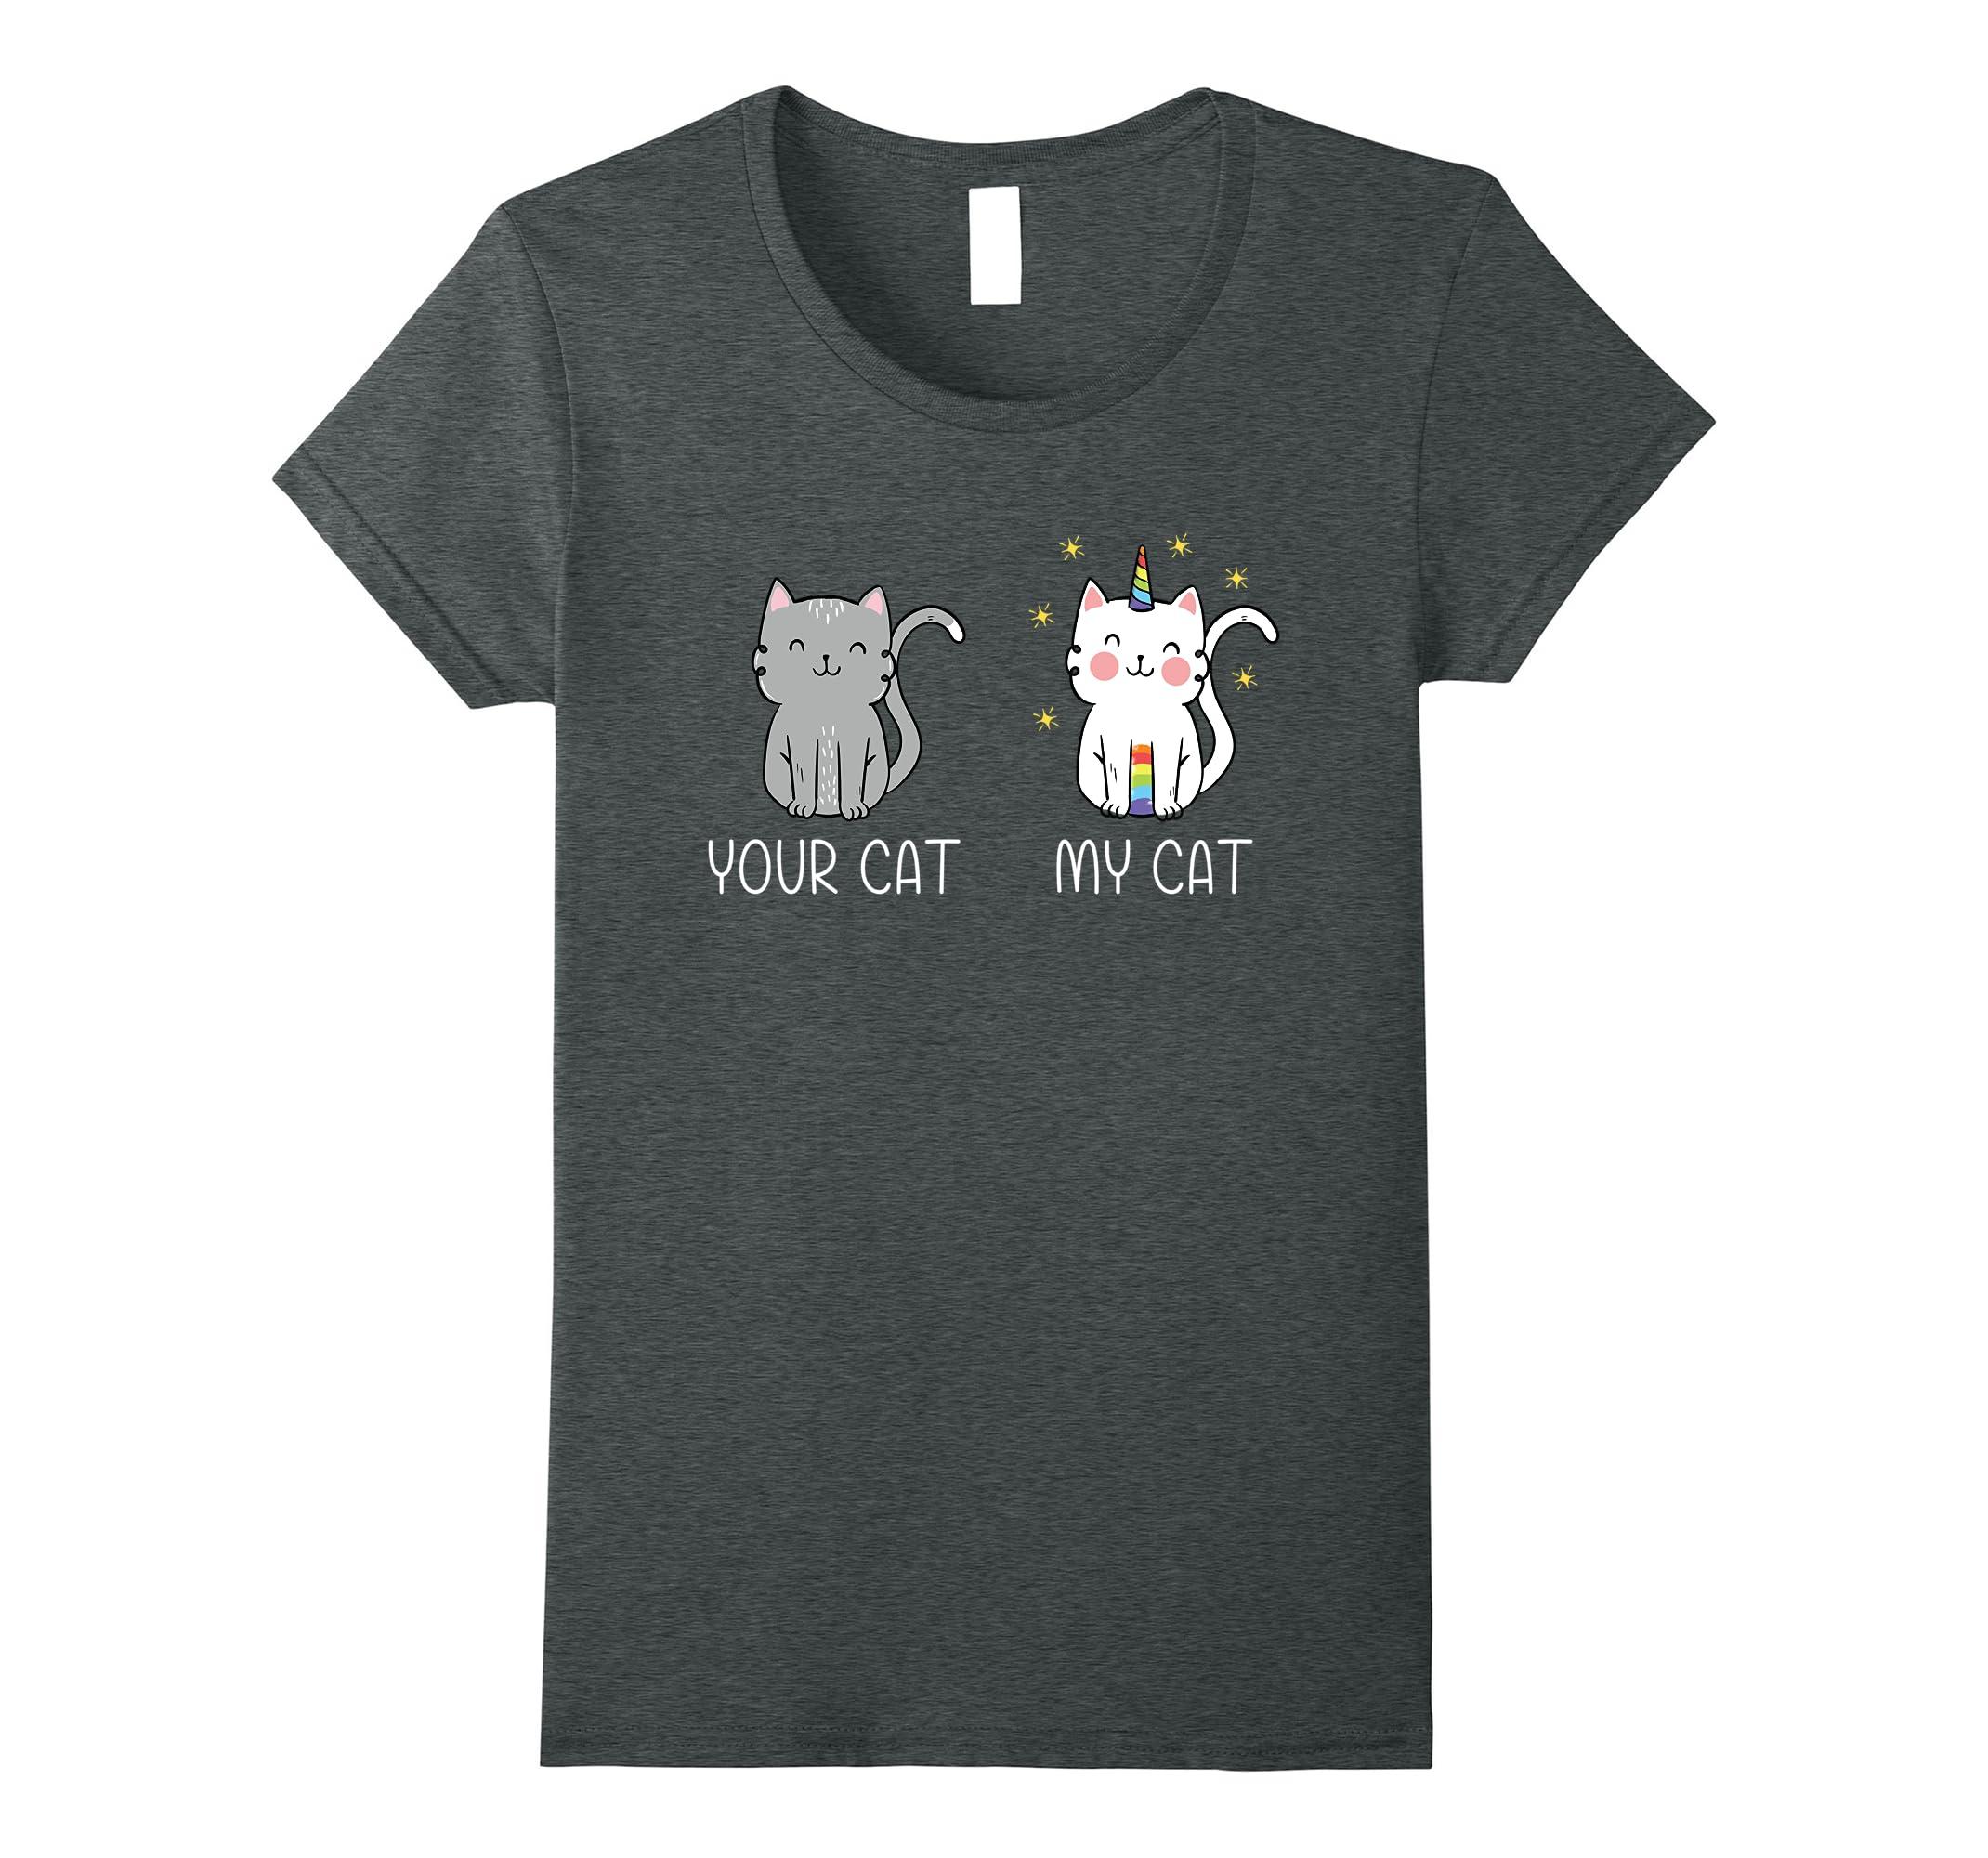 Unicorn T Shirt Magic Caticorn Shirt-Xalozy